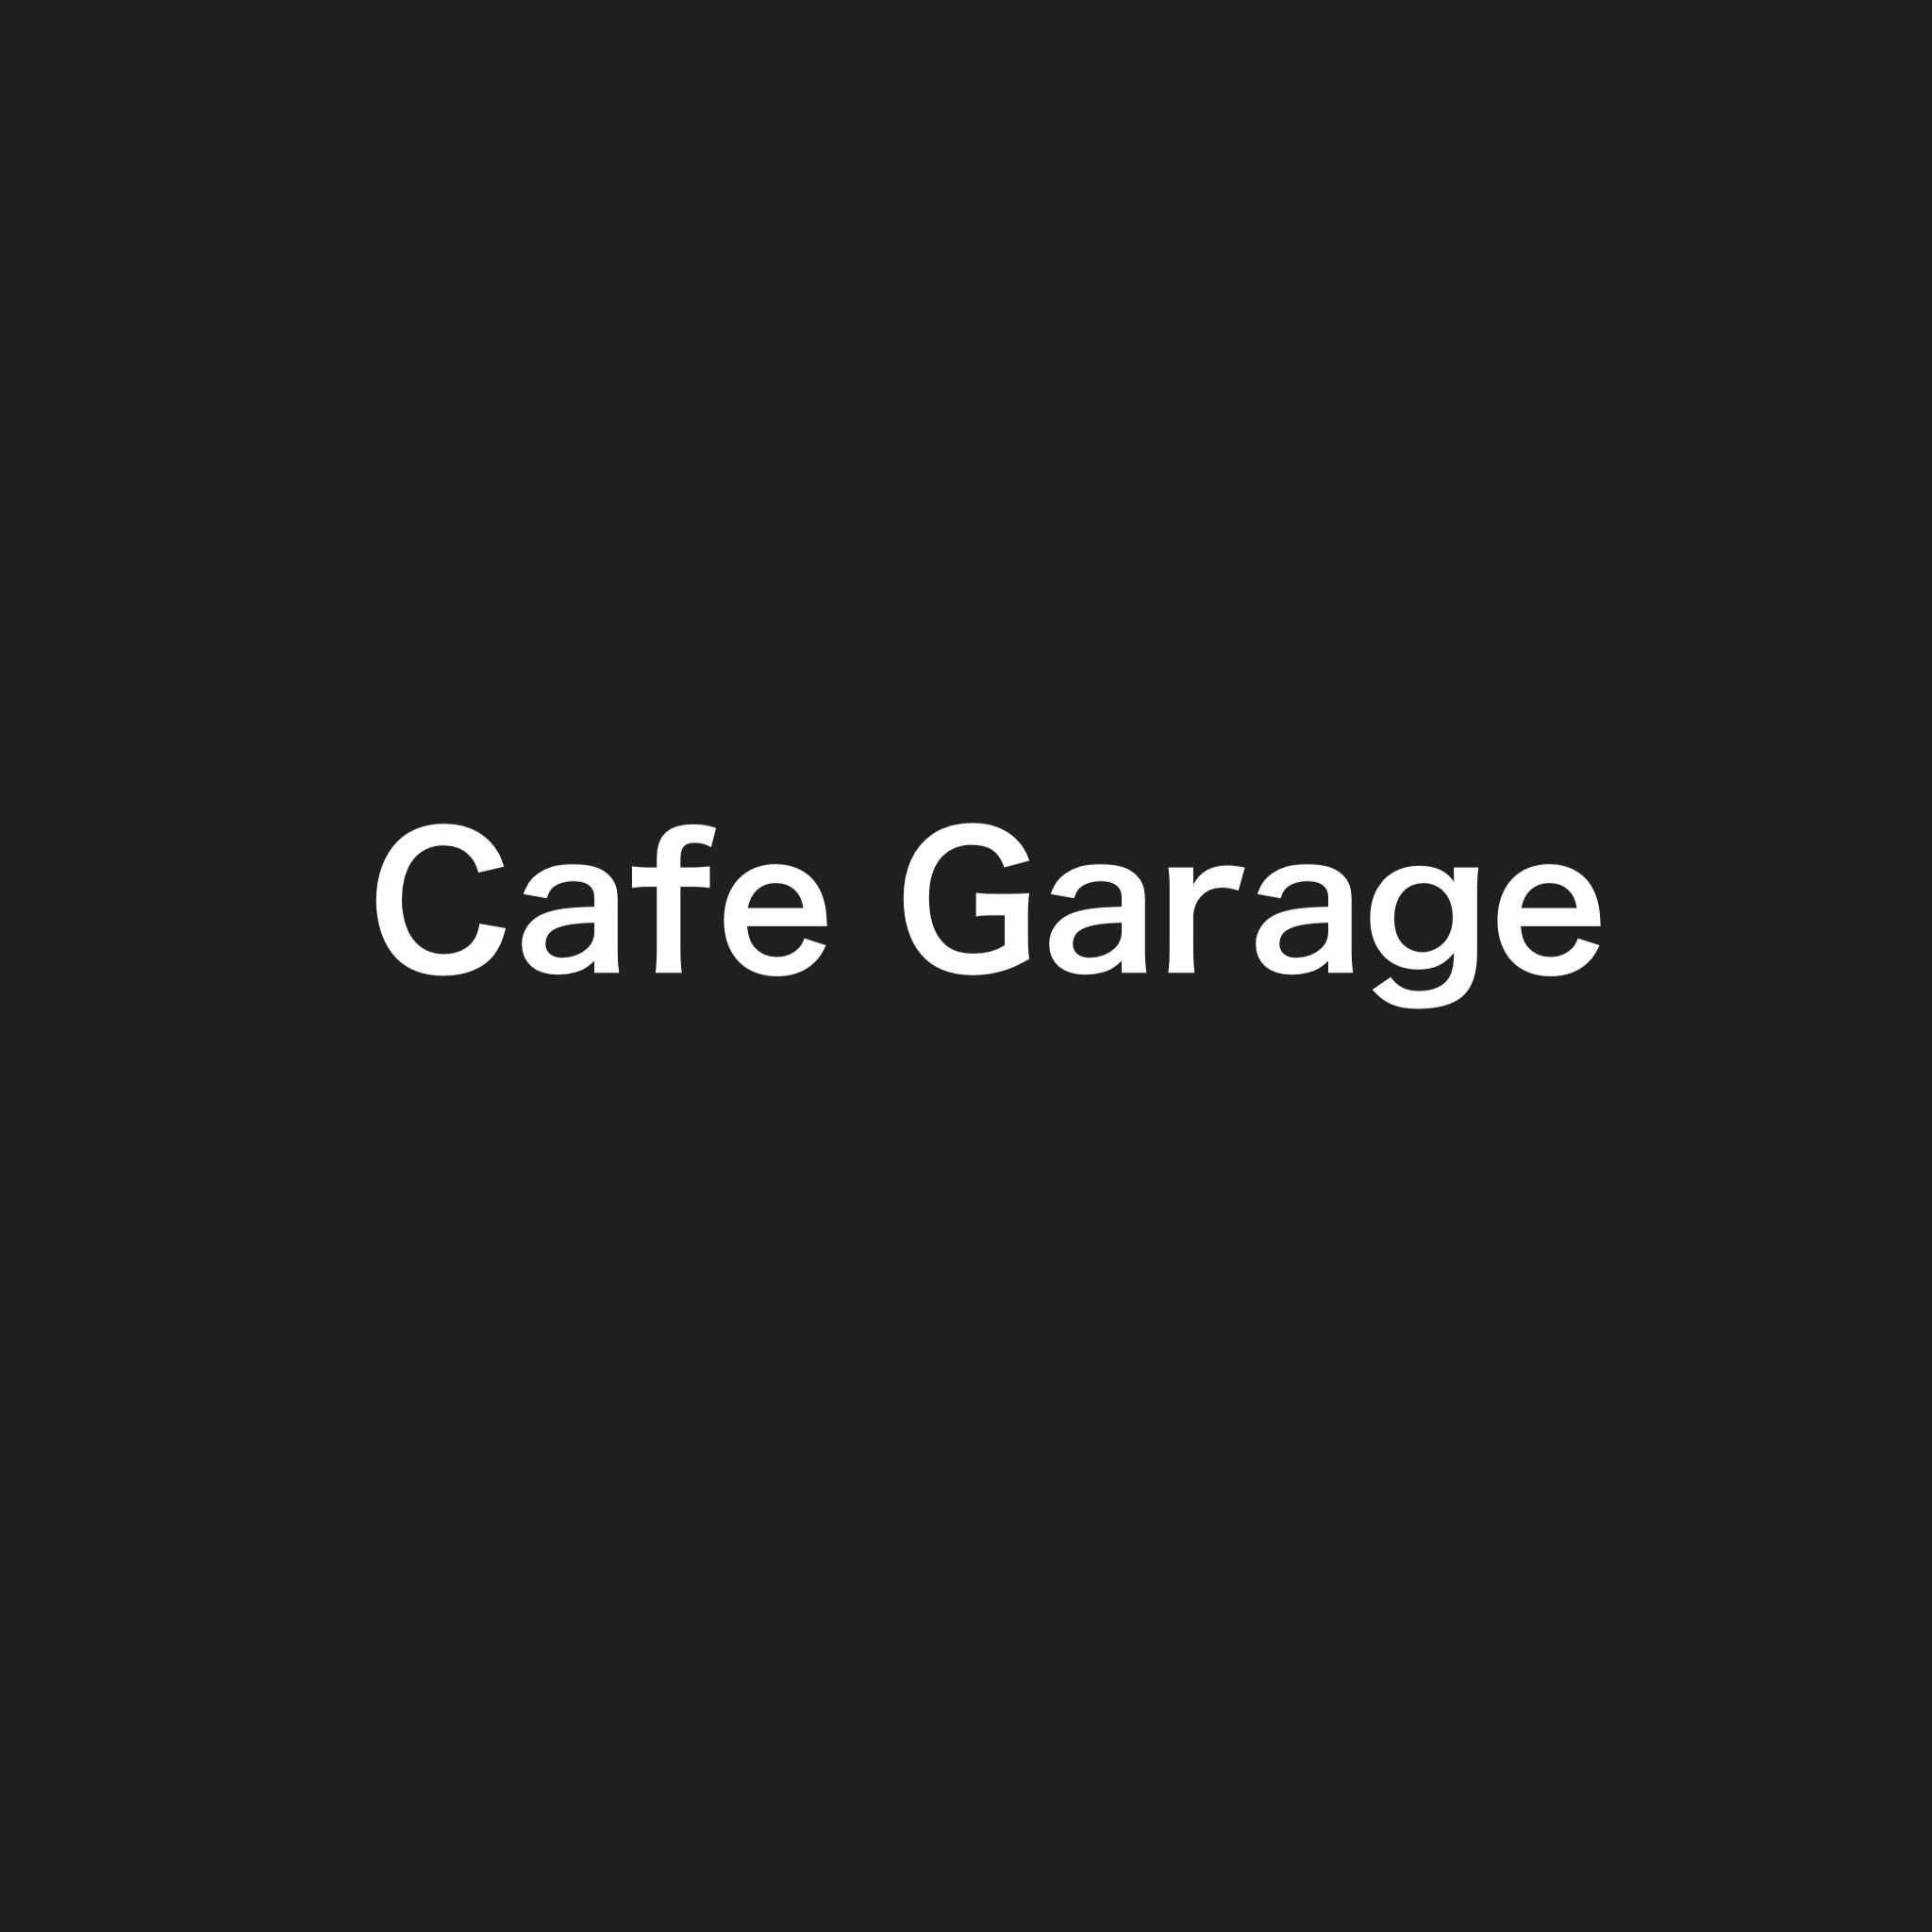 コンクリートむきだしの無骨なガレージ風カフェを、このたび京都市松ケ崎にオープンします☆